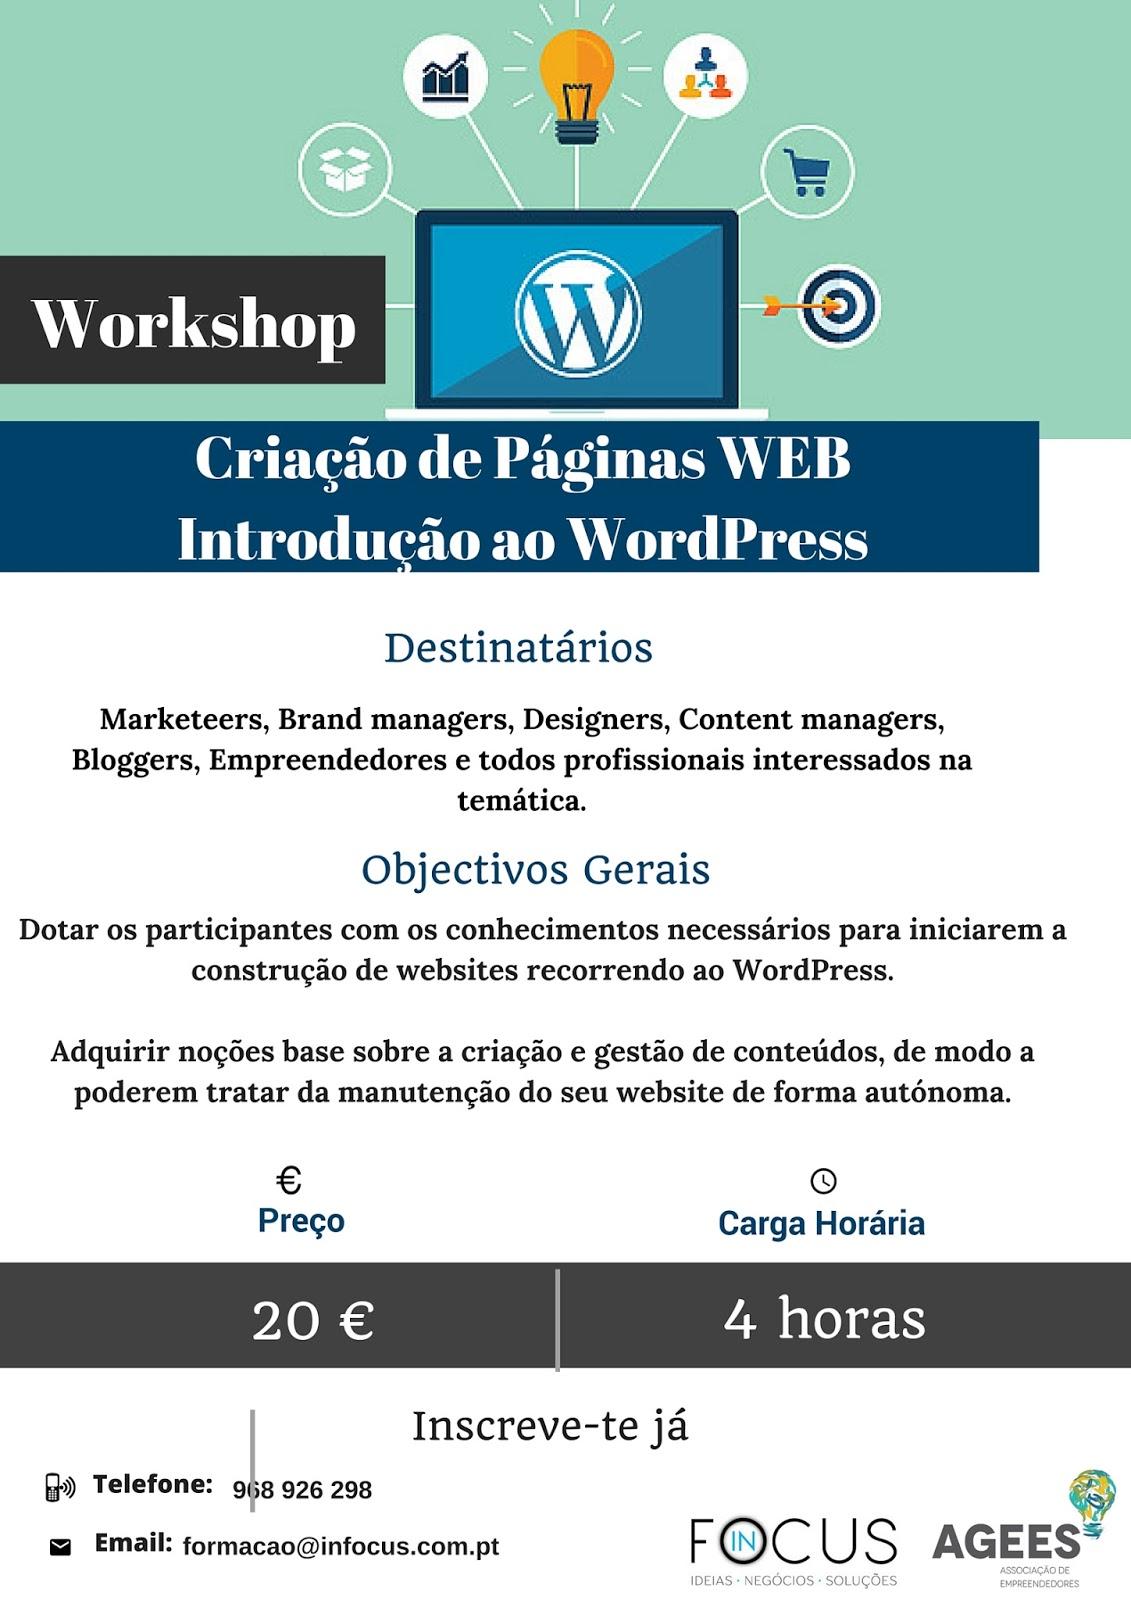 Wokshop: Criação de Páginas WEB (Introdução ao WordPress) – Coimbra